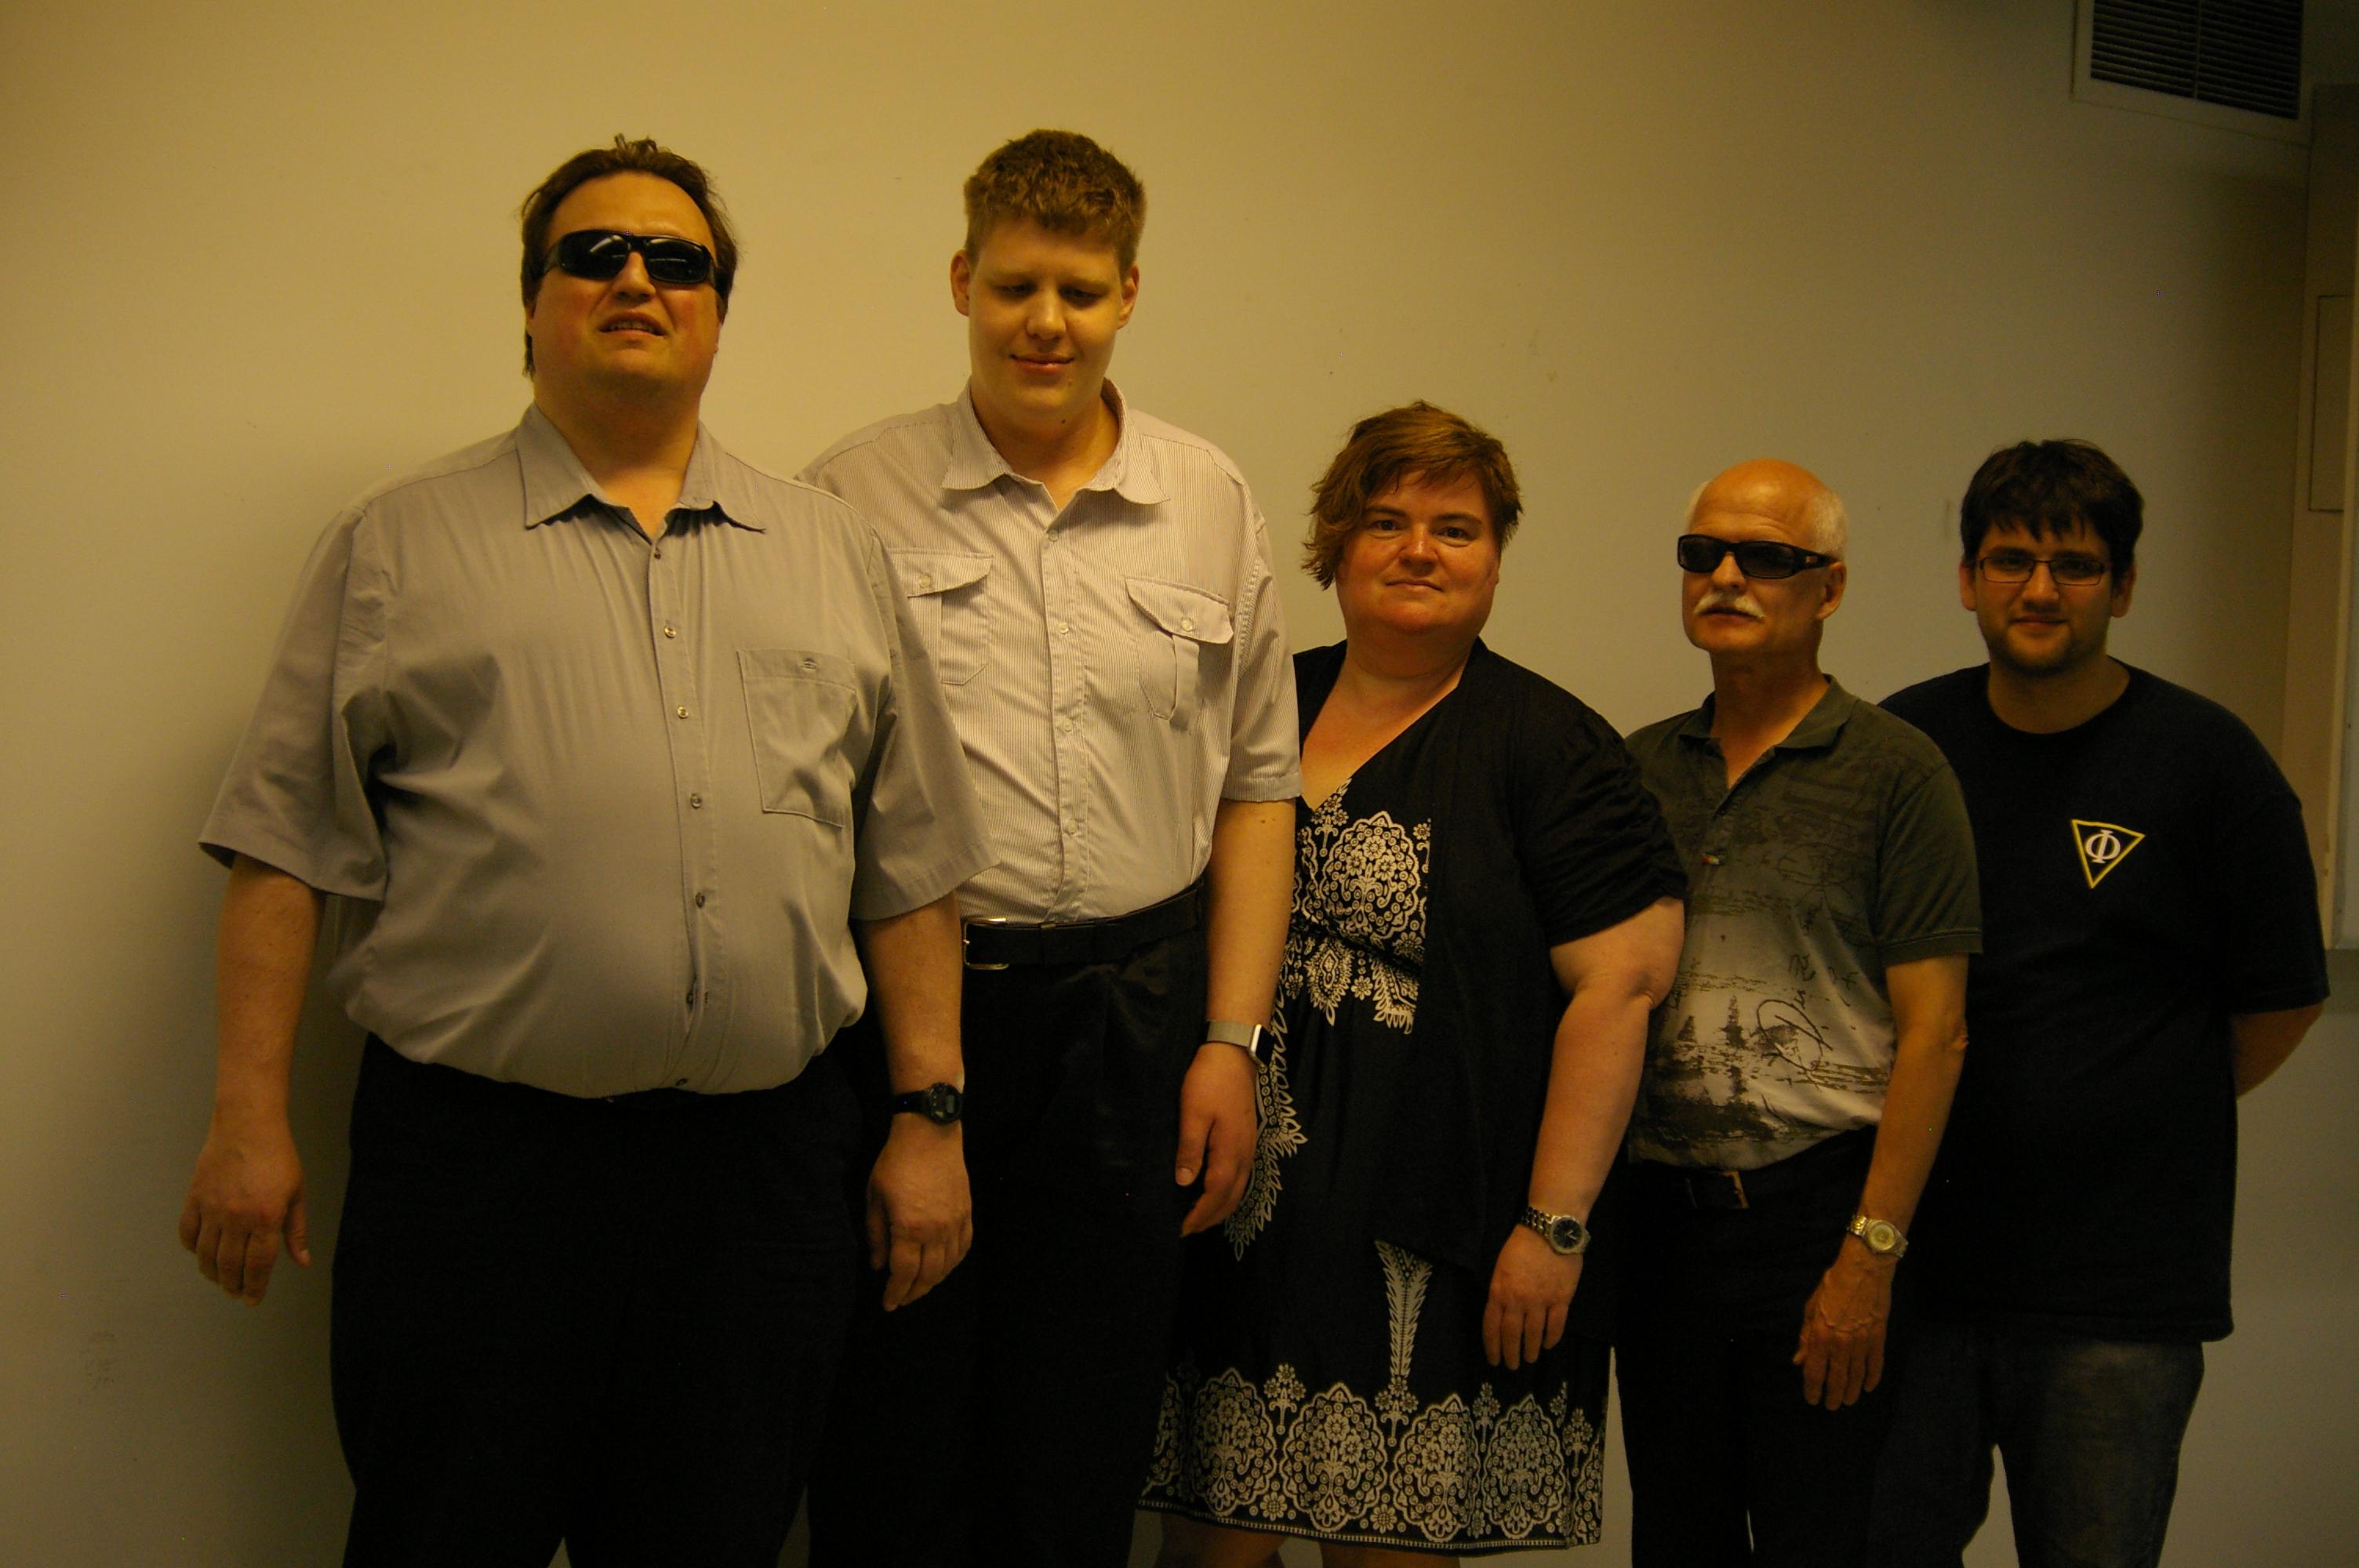 Membres du conseil d'administration pour l'année 2016-2017. Martin Morin, Alexandre Bellemare, Josée Blanchette, Antonin Plante et Godefroy Borduas.